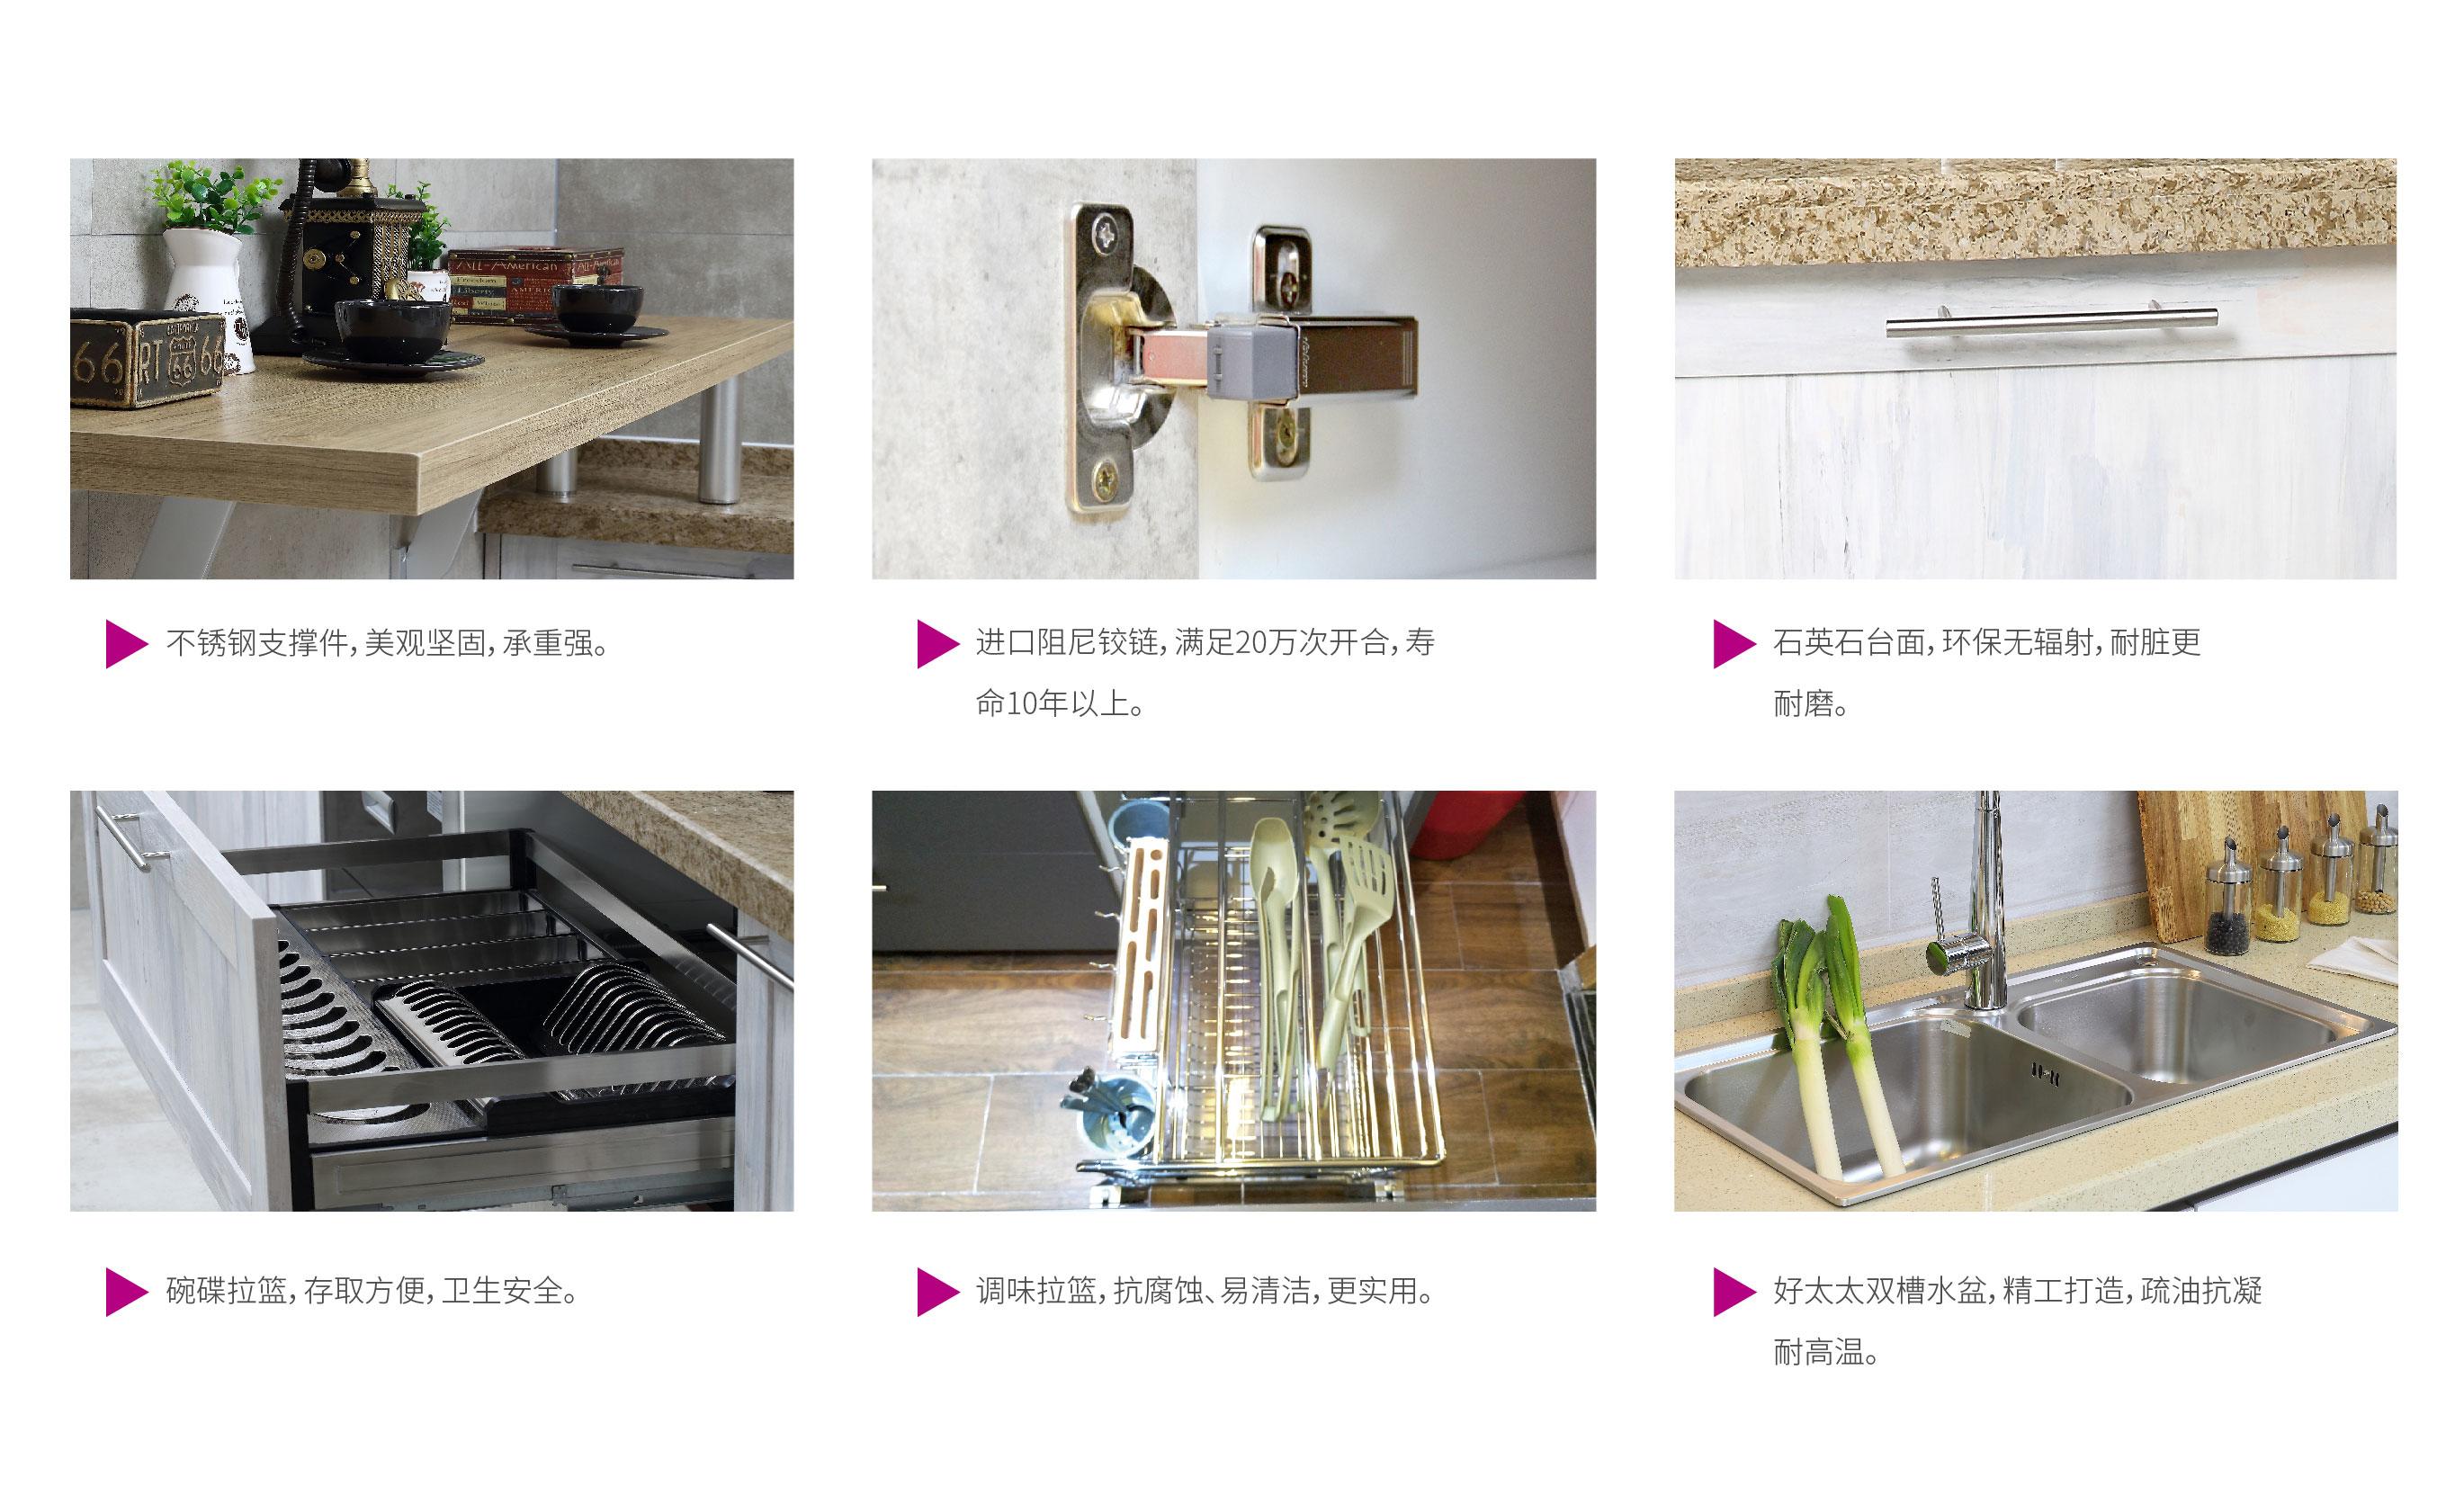 产品细节-网页版.jpg